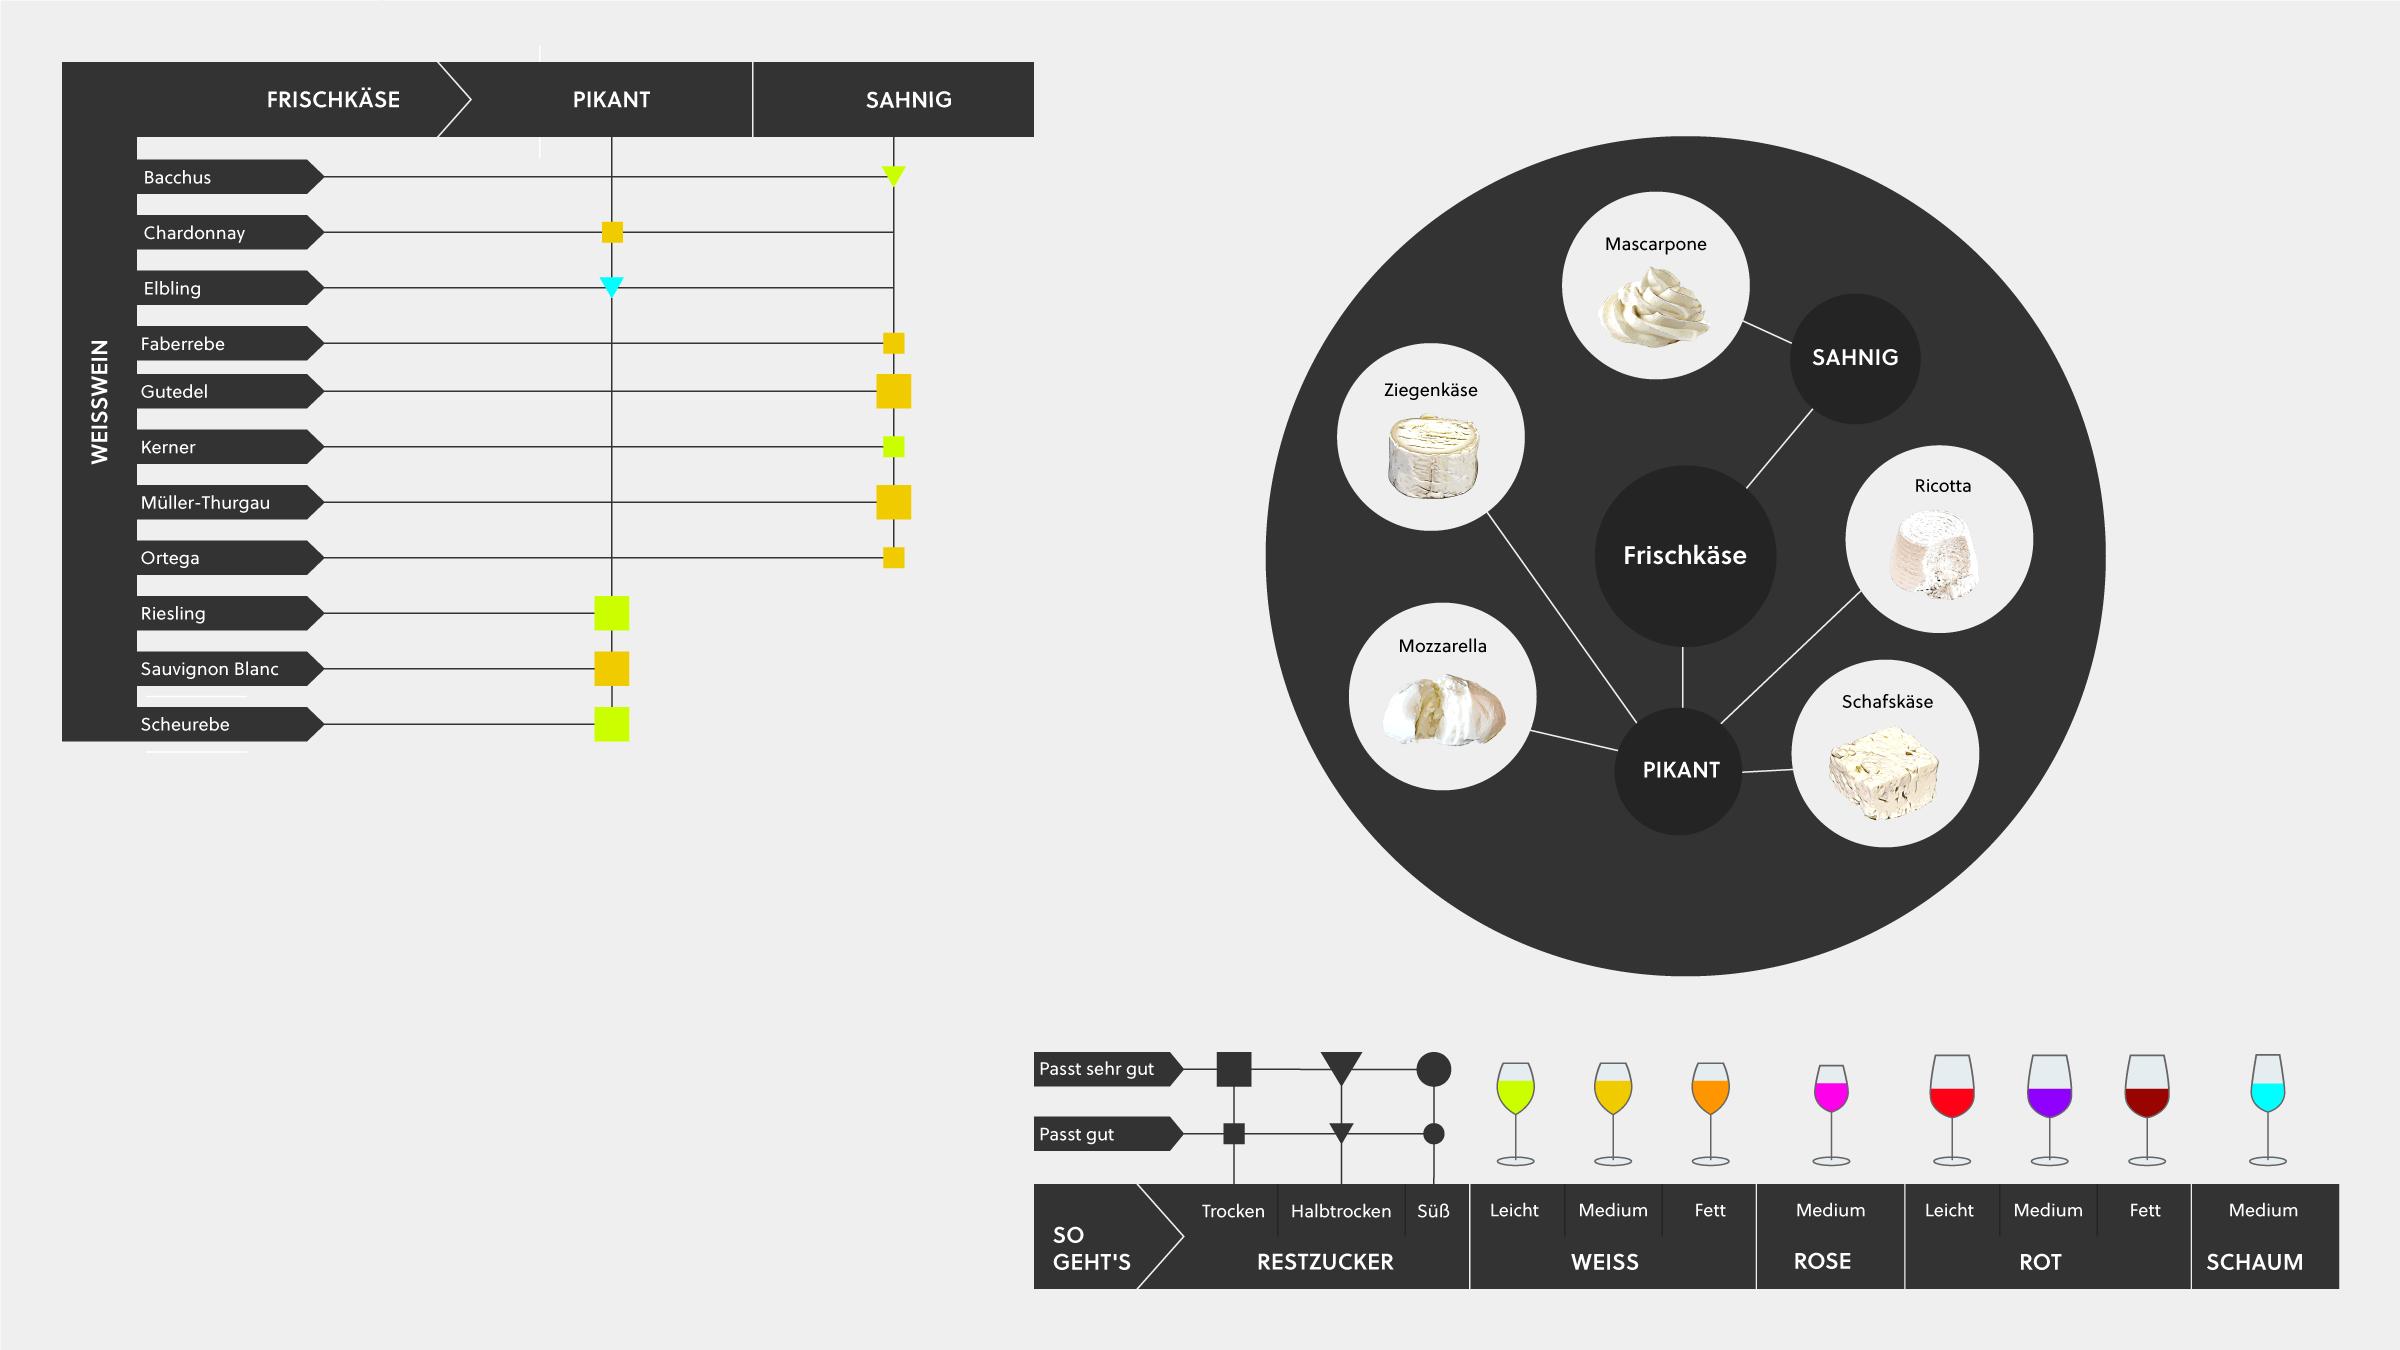 Wein und Käse Infografik mit Tipps, deutschen Wein mit verschiedenen Frischkäsen zu kombinieren.